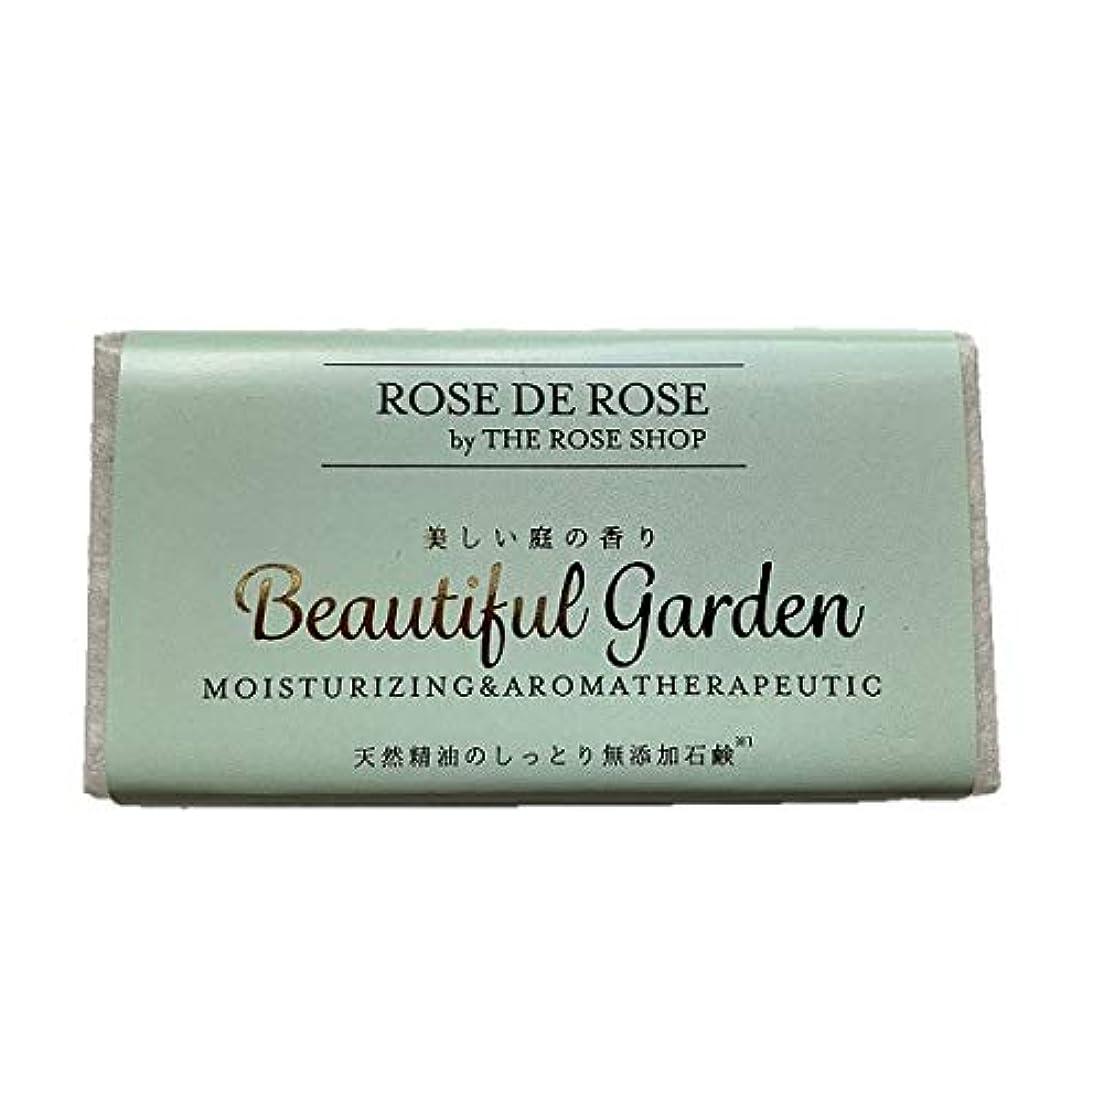 明日シルエット理容室天然精油の無添加石鹸 「美しい庭の香り ビューティフルガーデン」3個セット